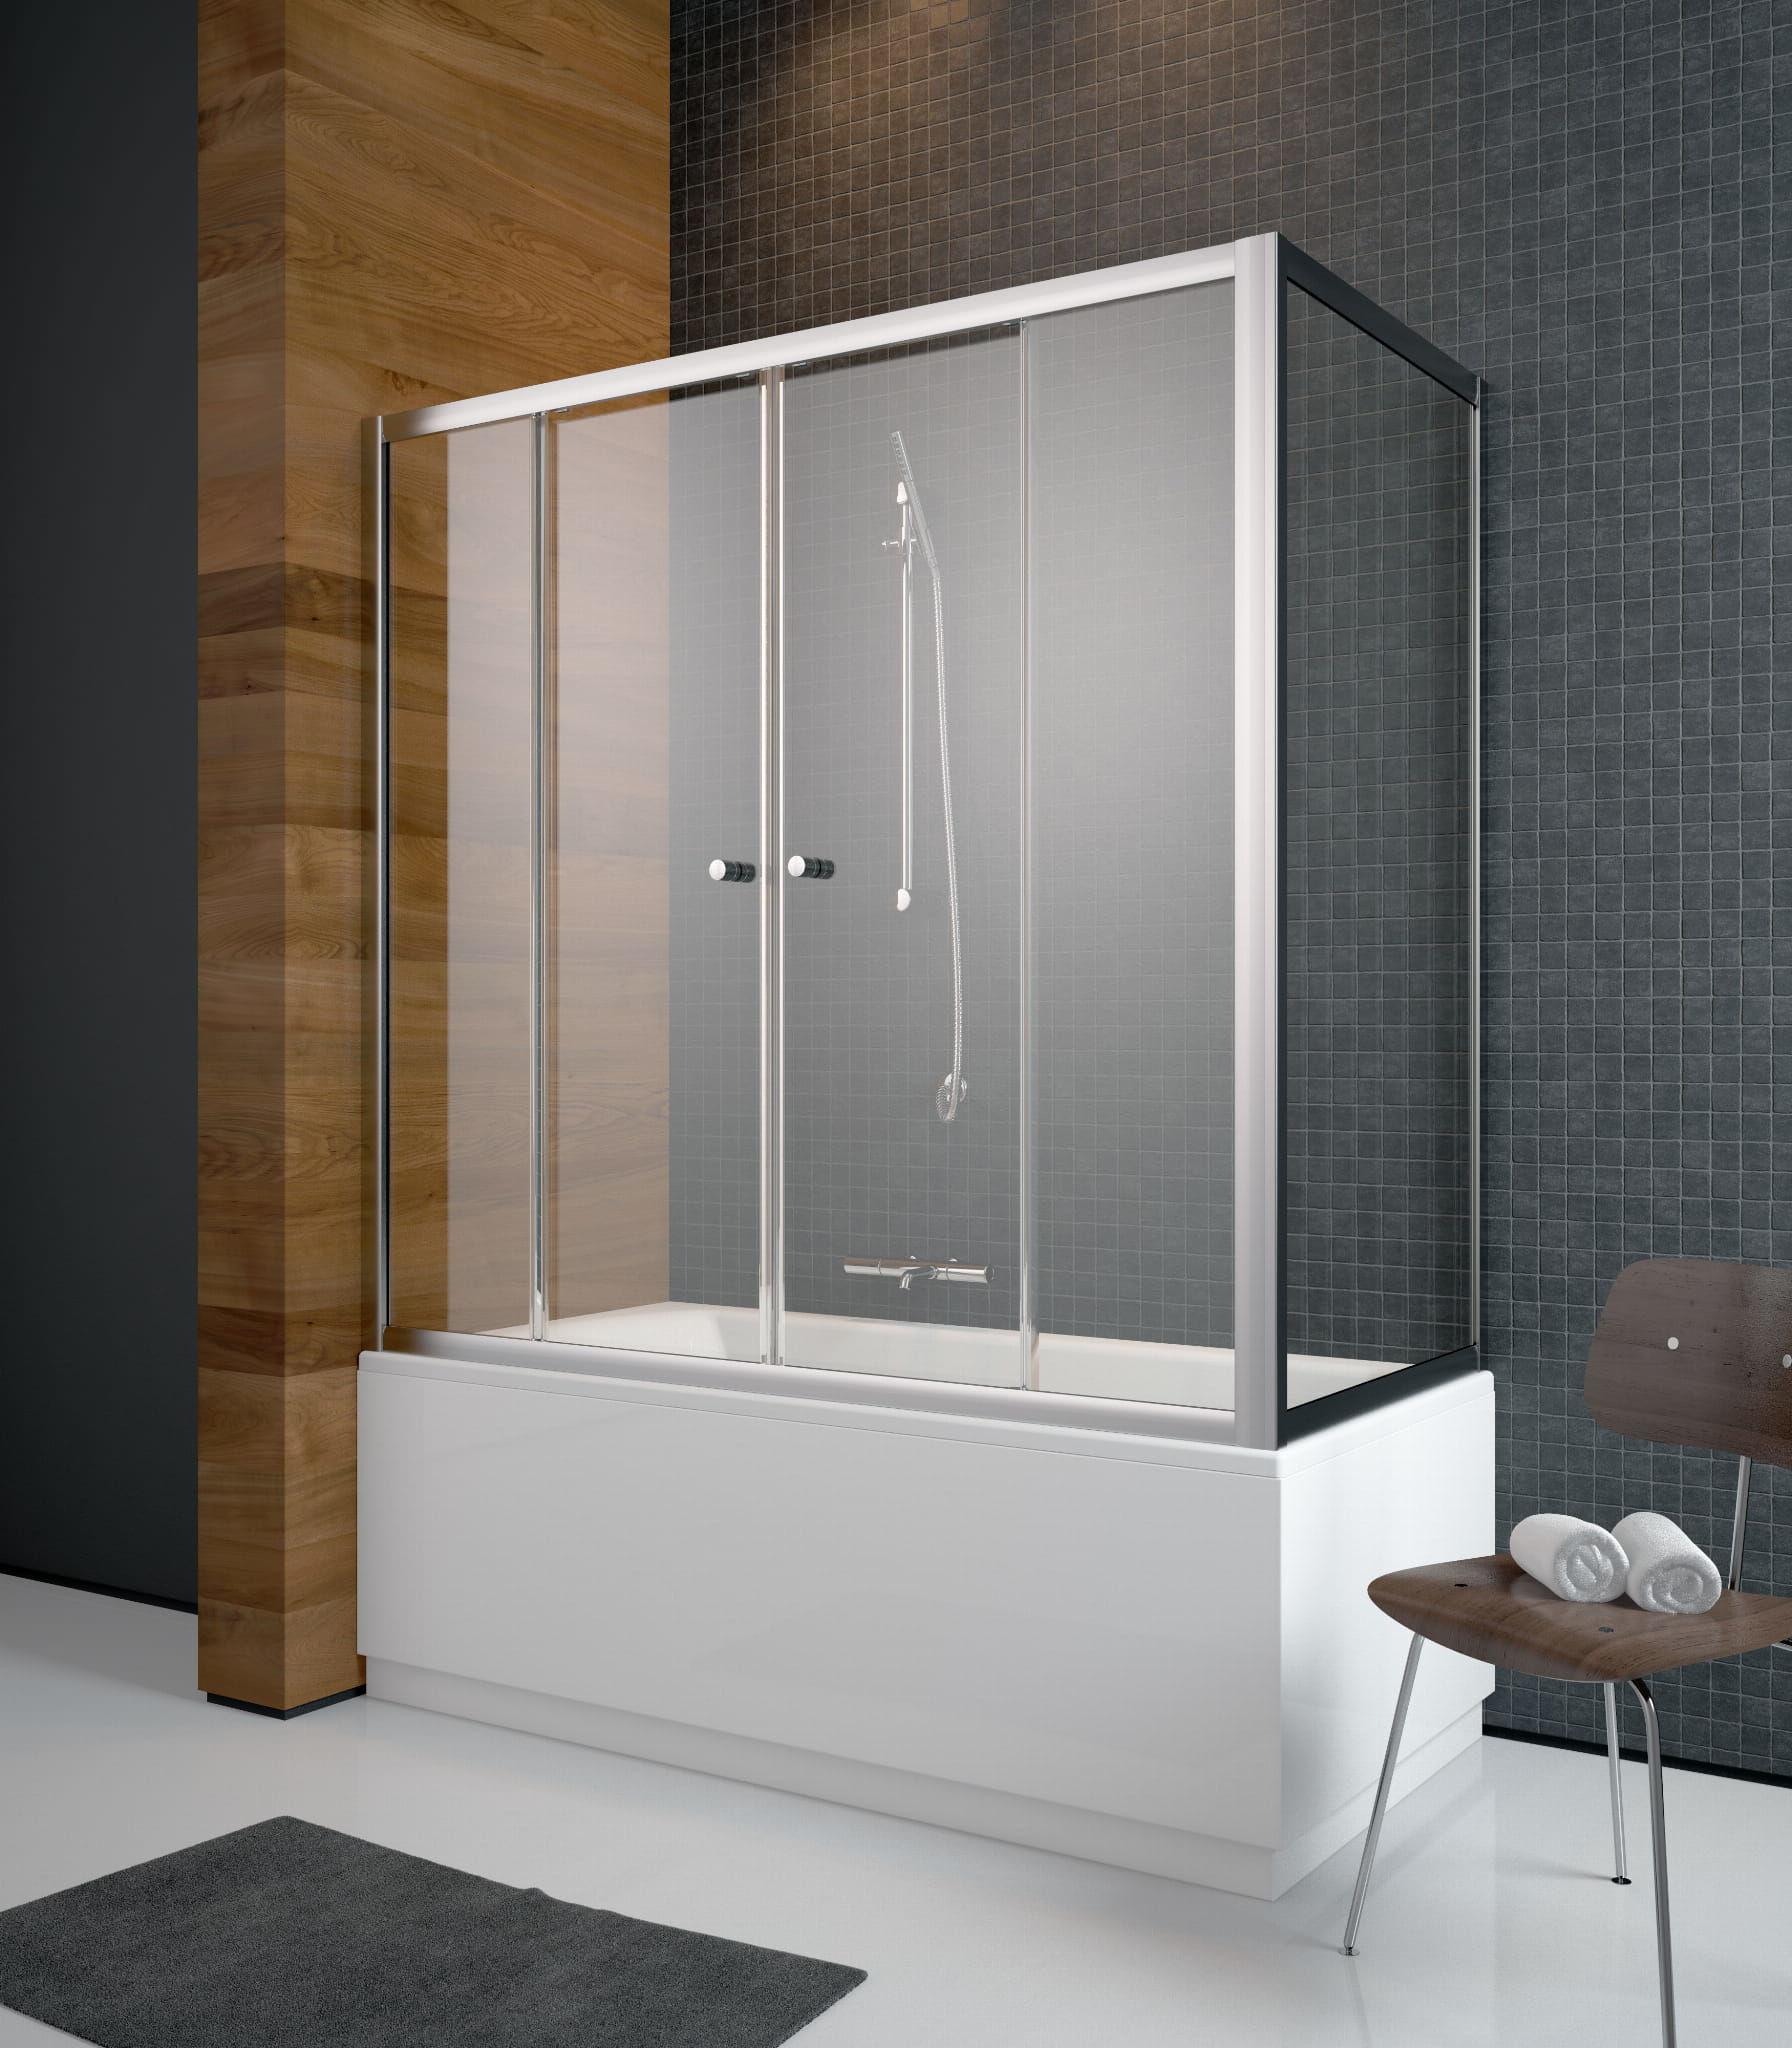 Radaway zabudowa nawannowa Vesta DWD+S 160 x 70, szkło przejrzyste, wys. 150 cm 203160-01/204070-01